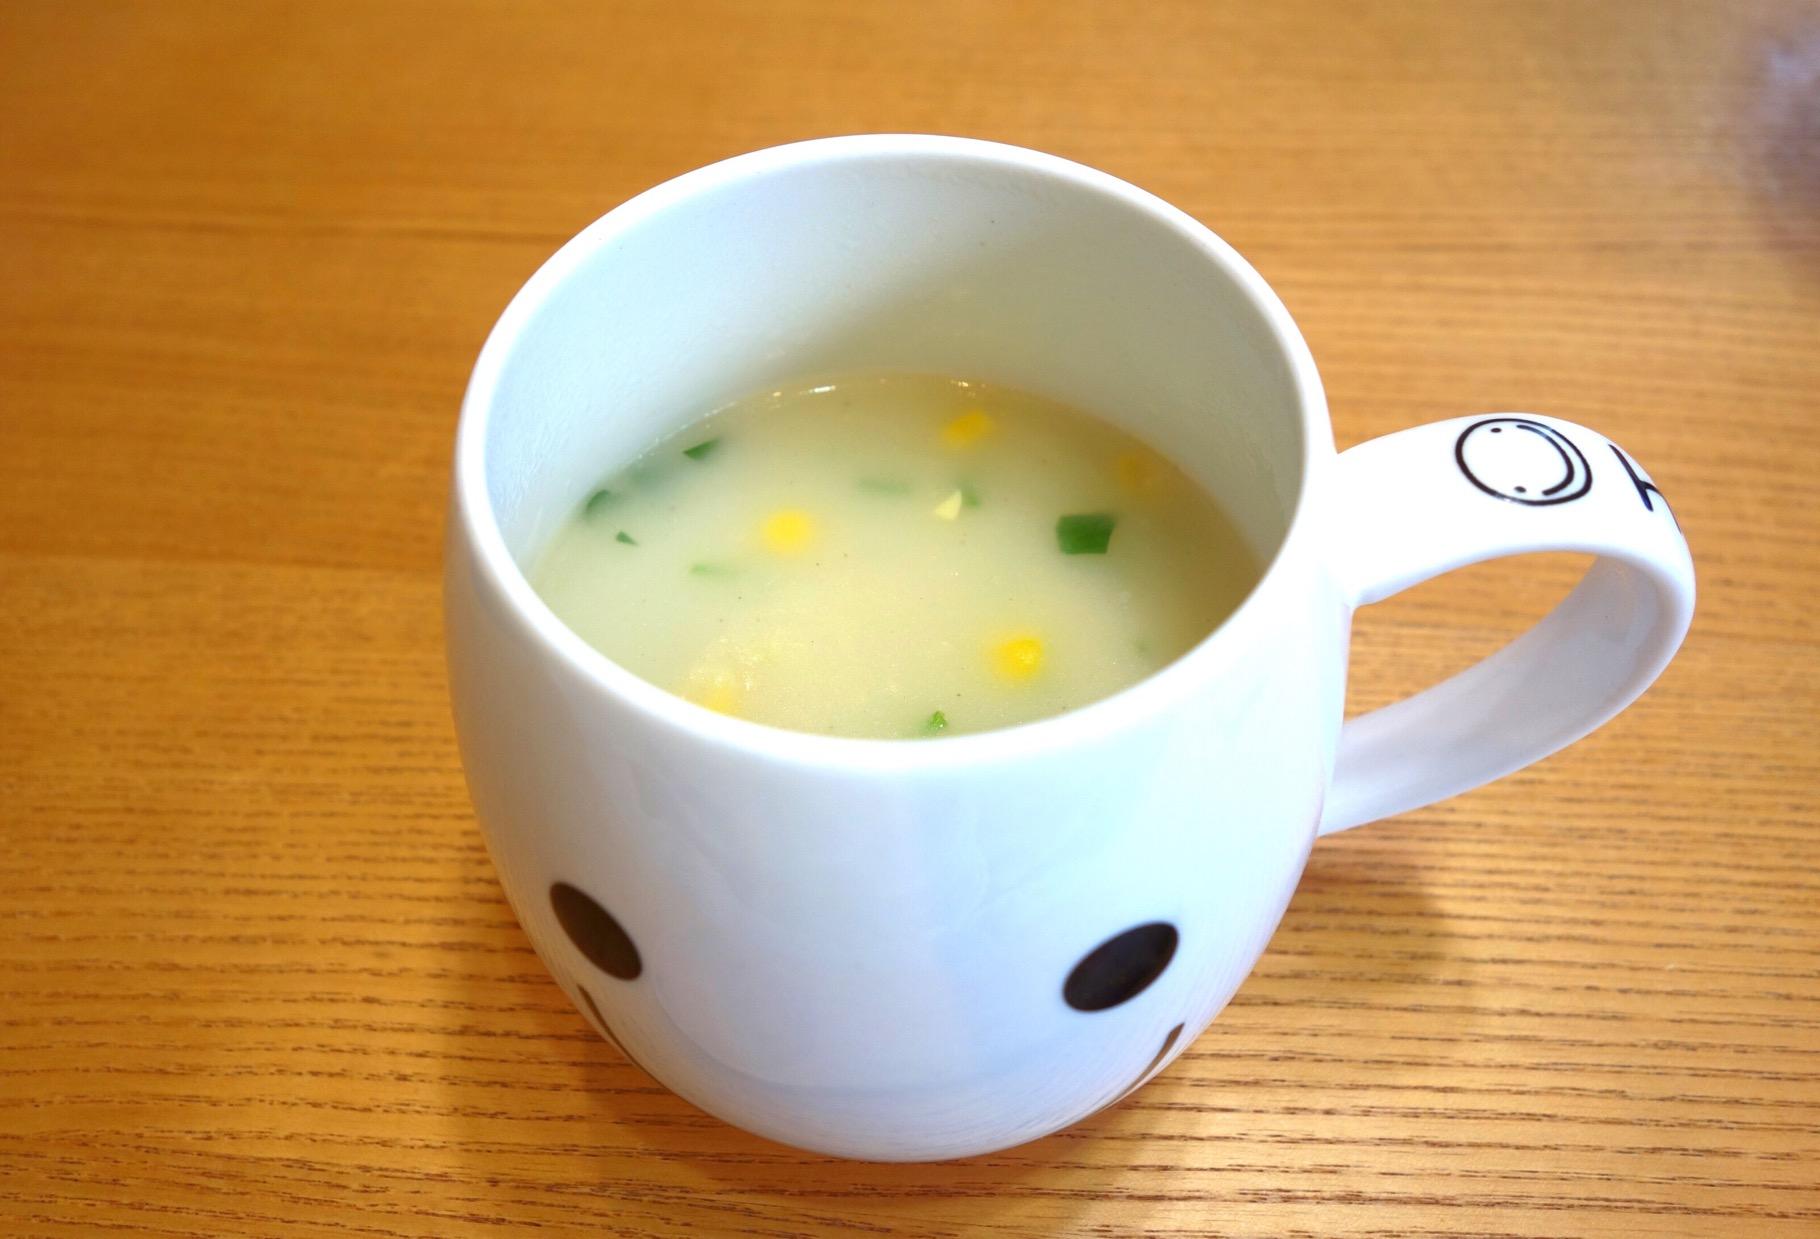 コーンスープ出来上がり!(撮影:中野龍三)。